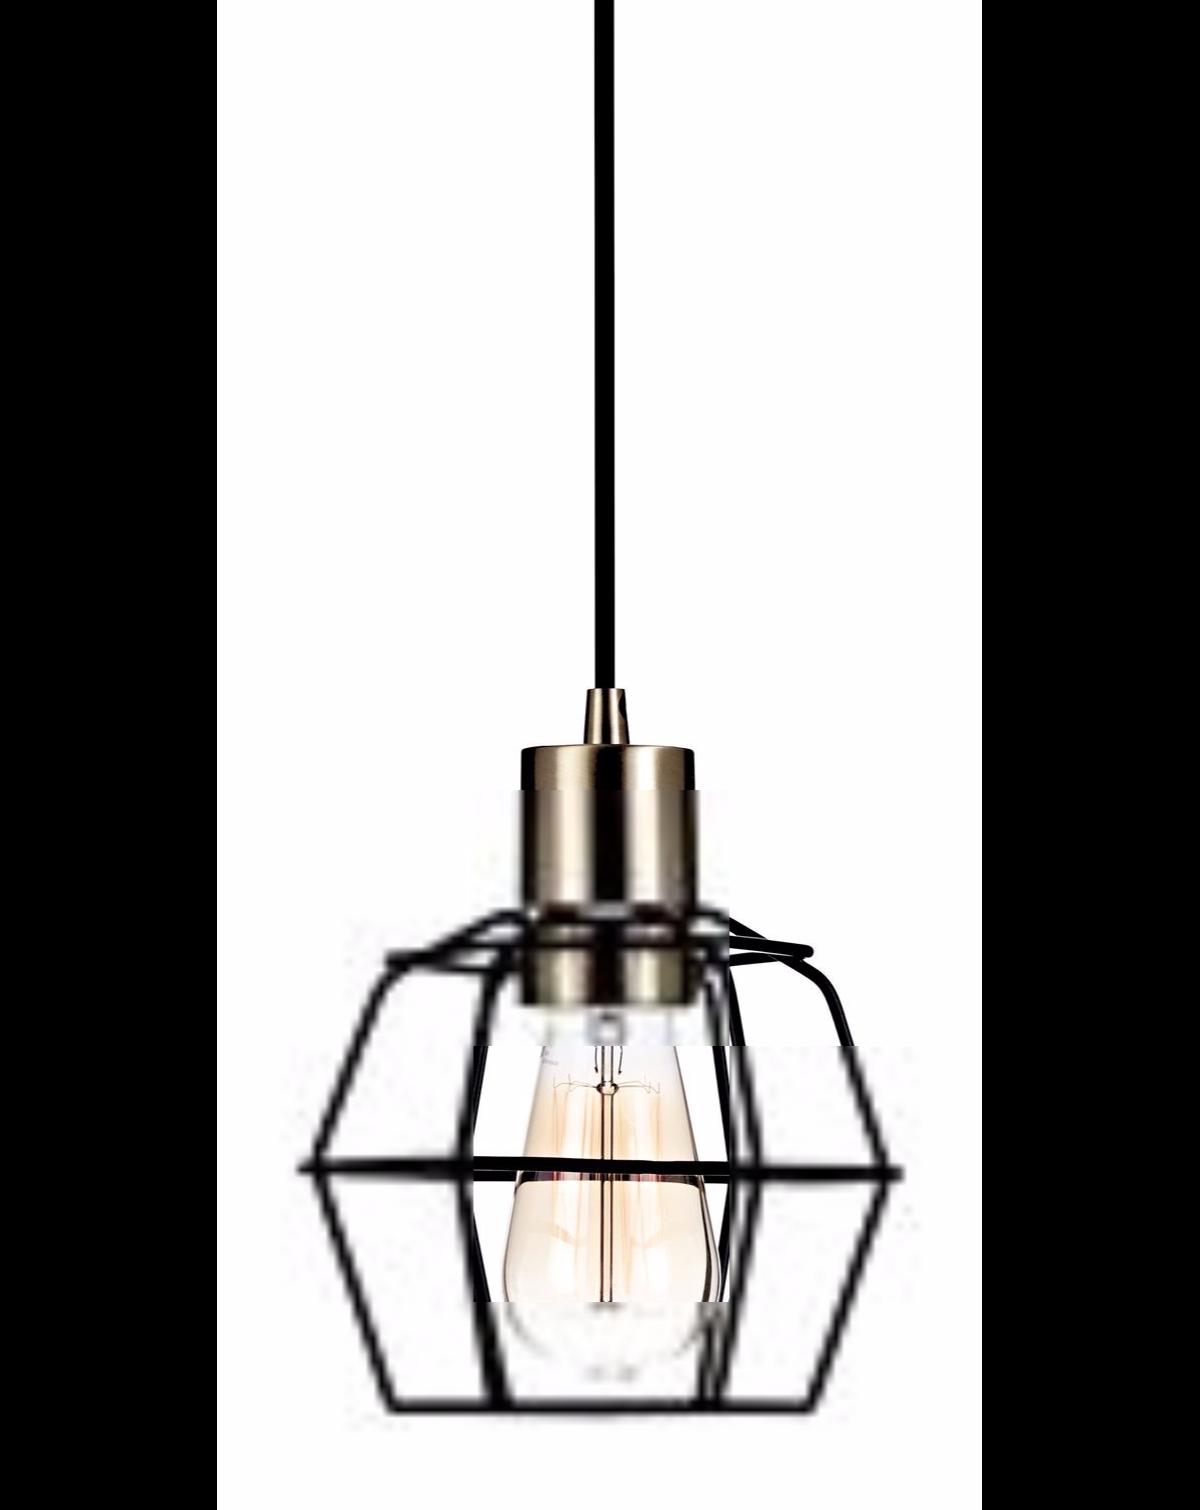 CANVAS Mercantile Pendant Light, Black